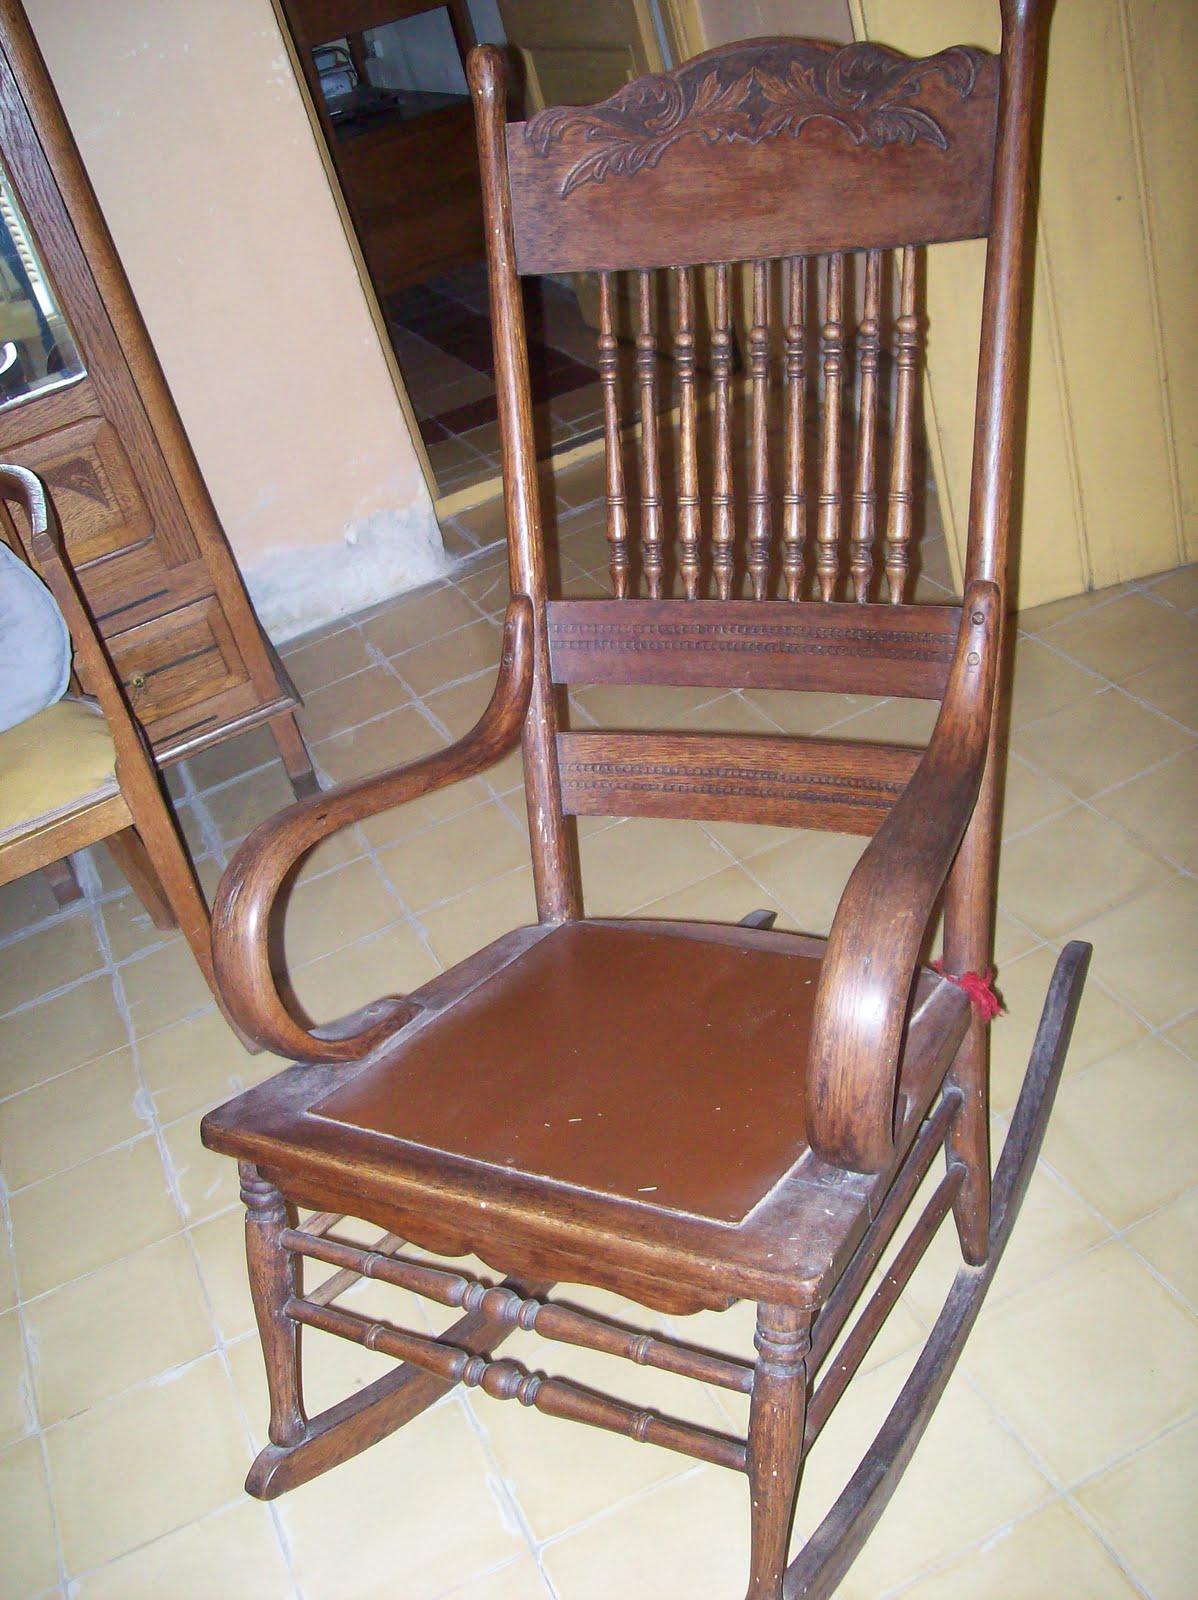 Antig edades coleccionismo silla mecedora antigua - Sillones mecedoras ...